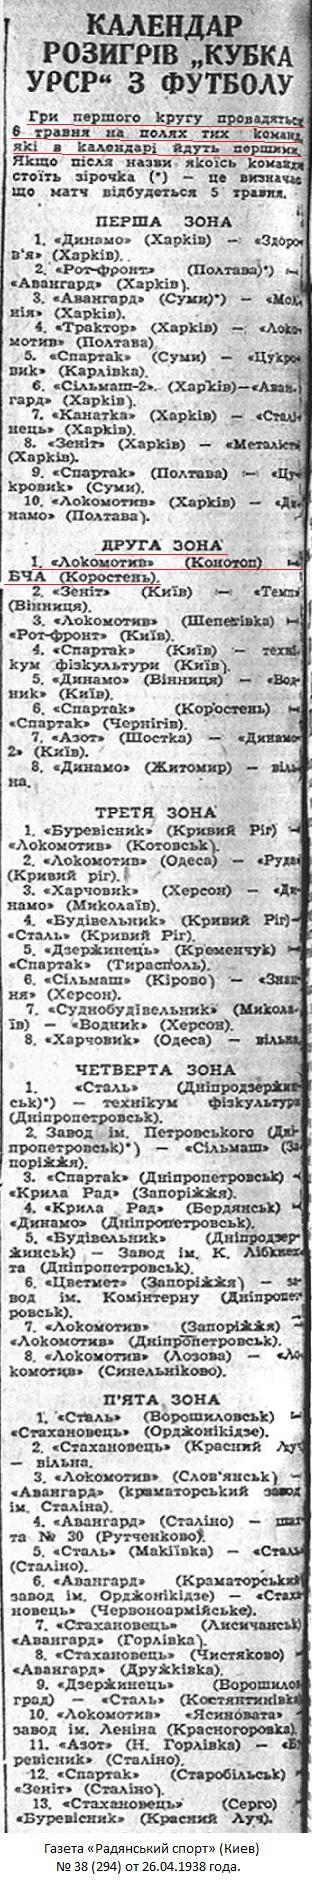 Локомотив (Конотоп) - ДКА (Коростень) +:- неявка